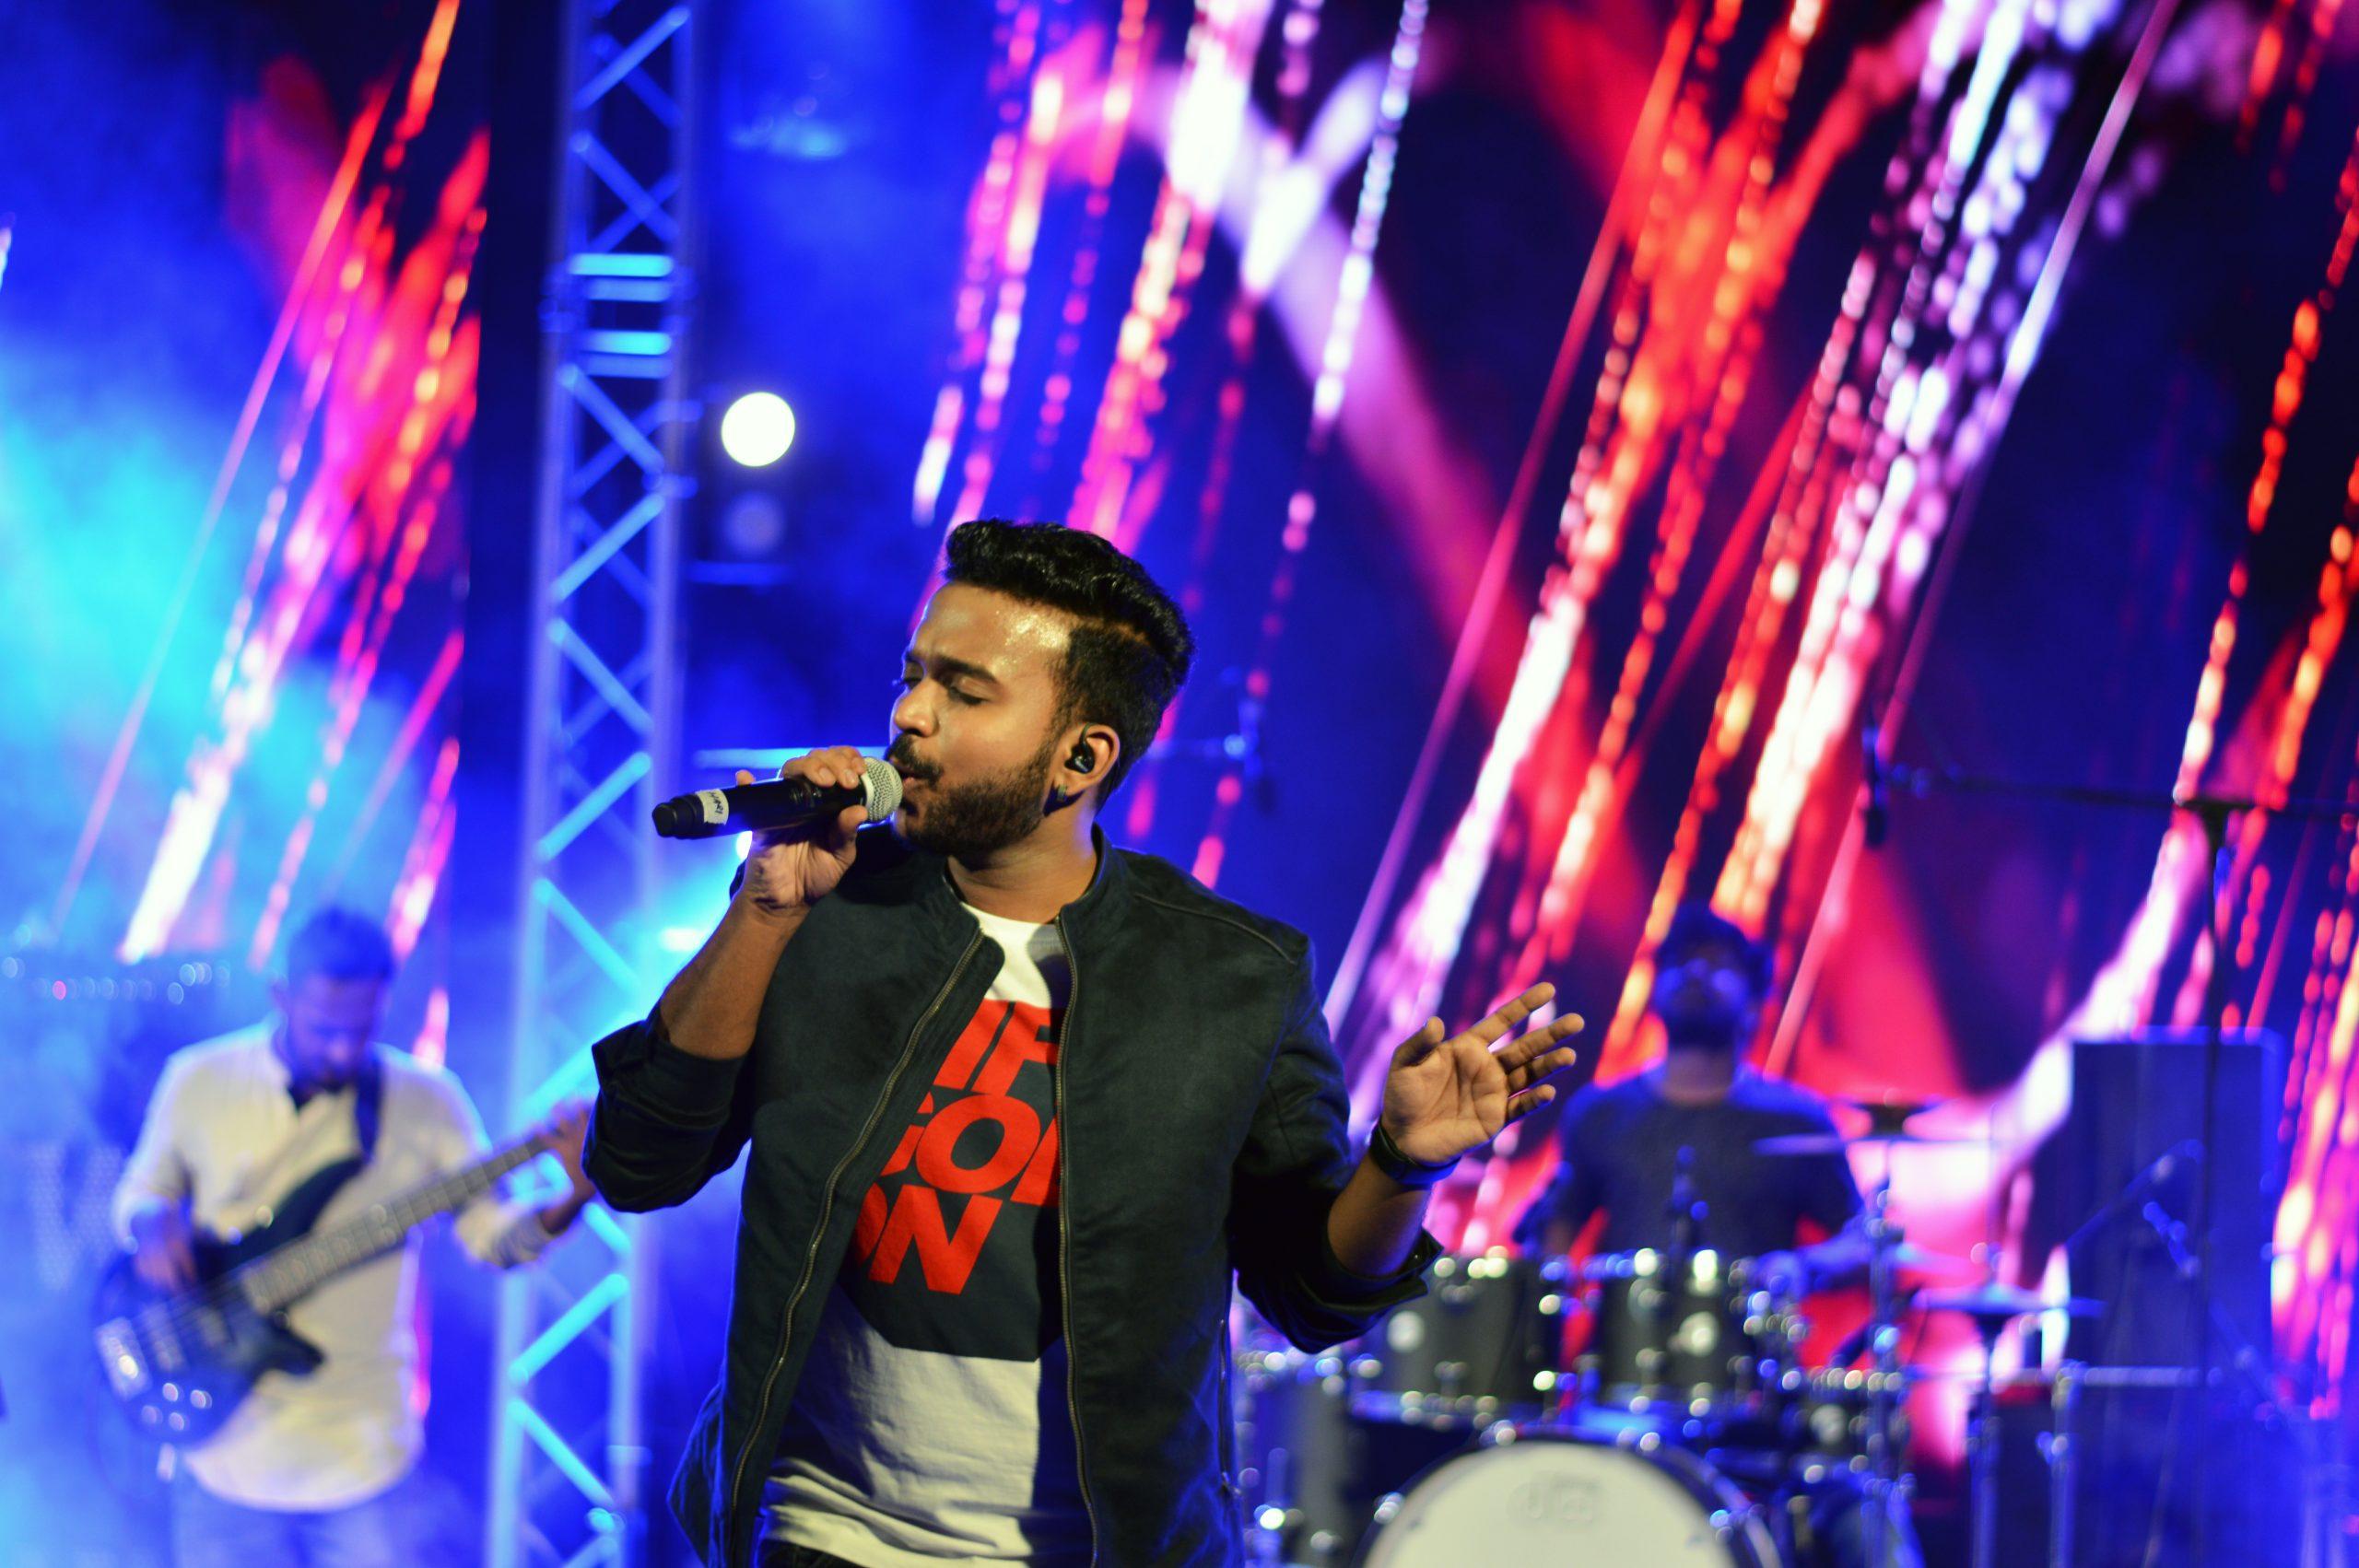 An artist at a music concert